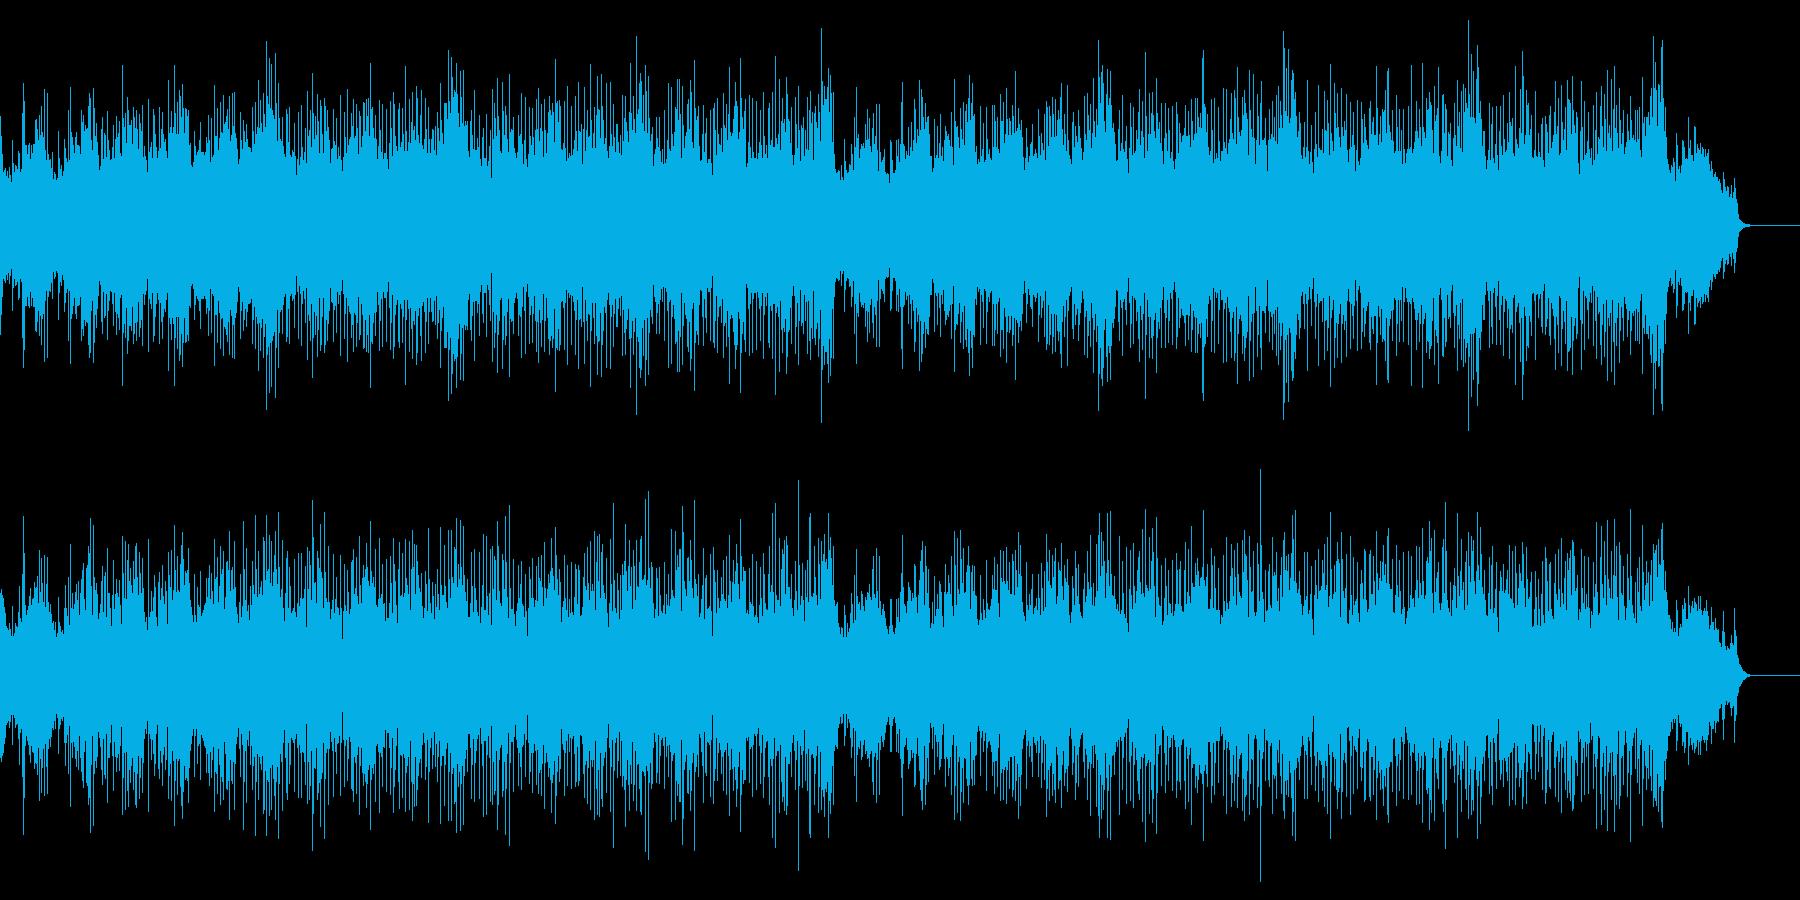 透明感のある爽やかな弦楽合奏ポップスの再生済みの波形